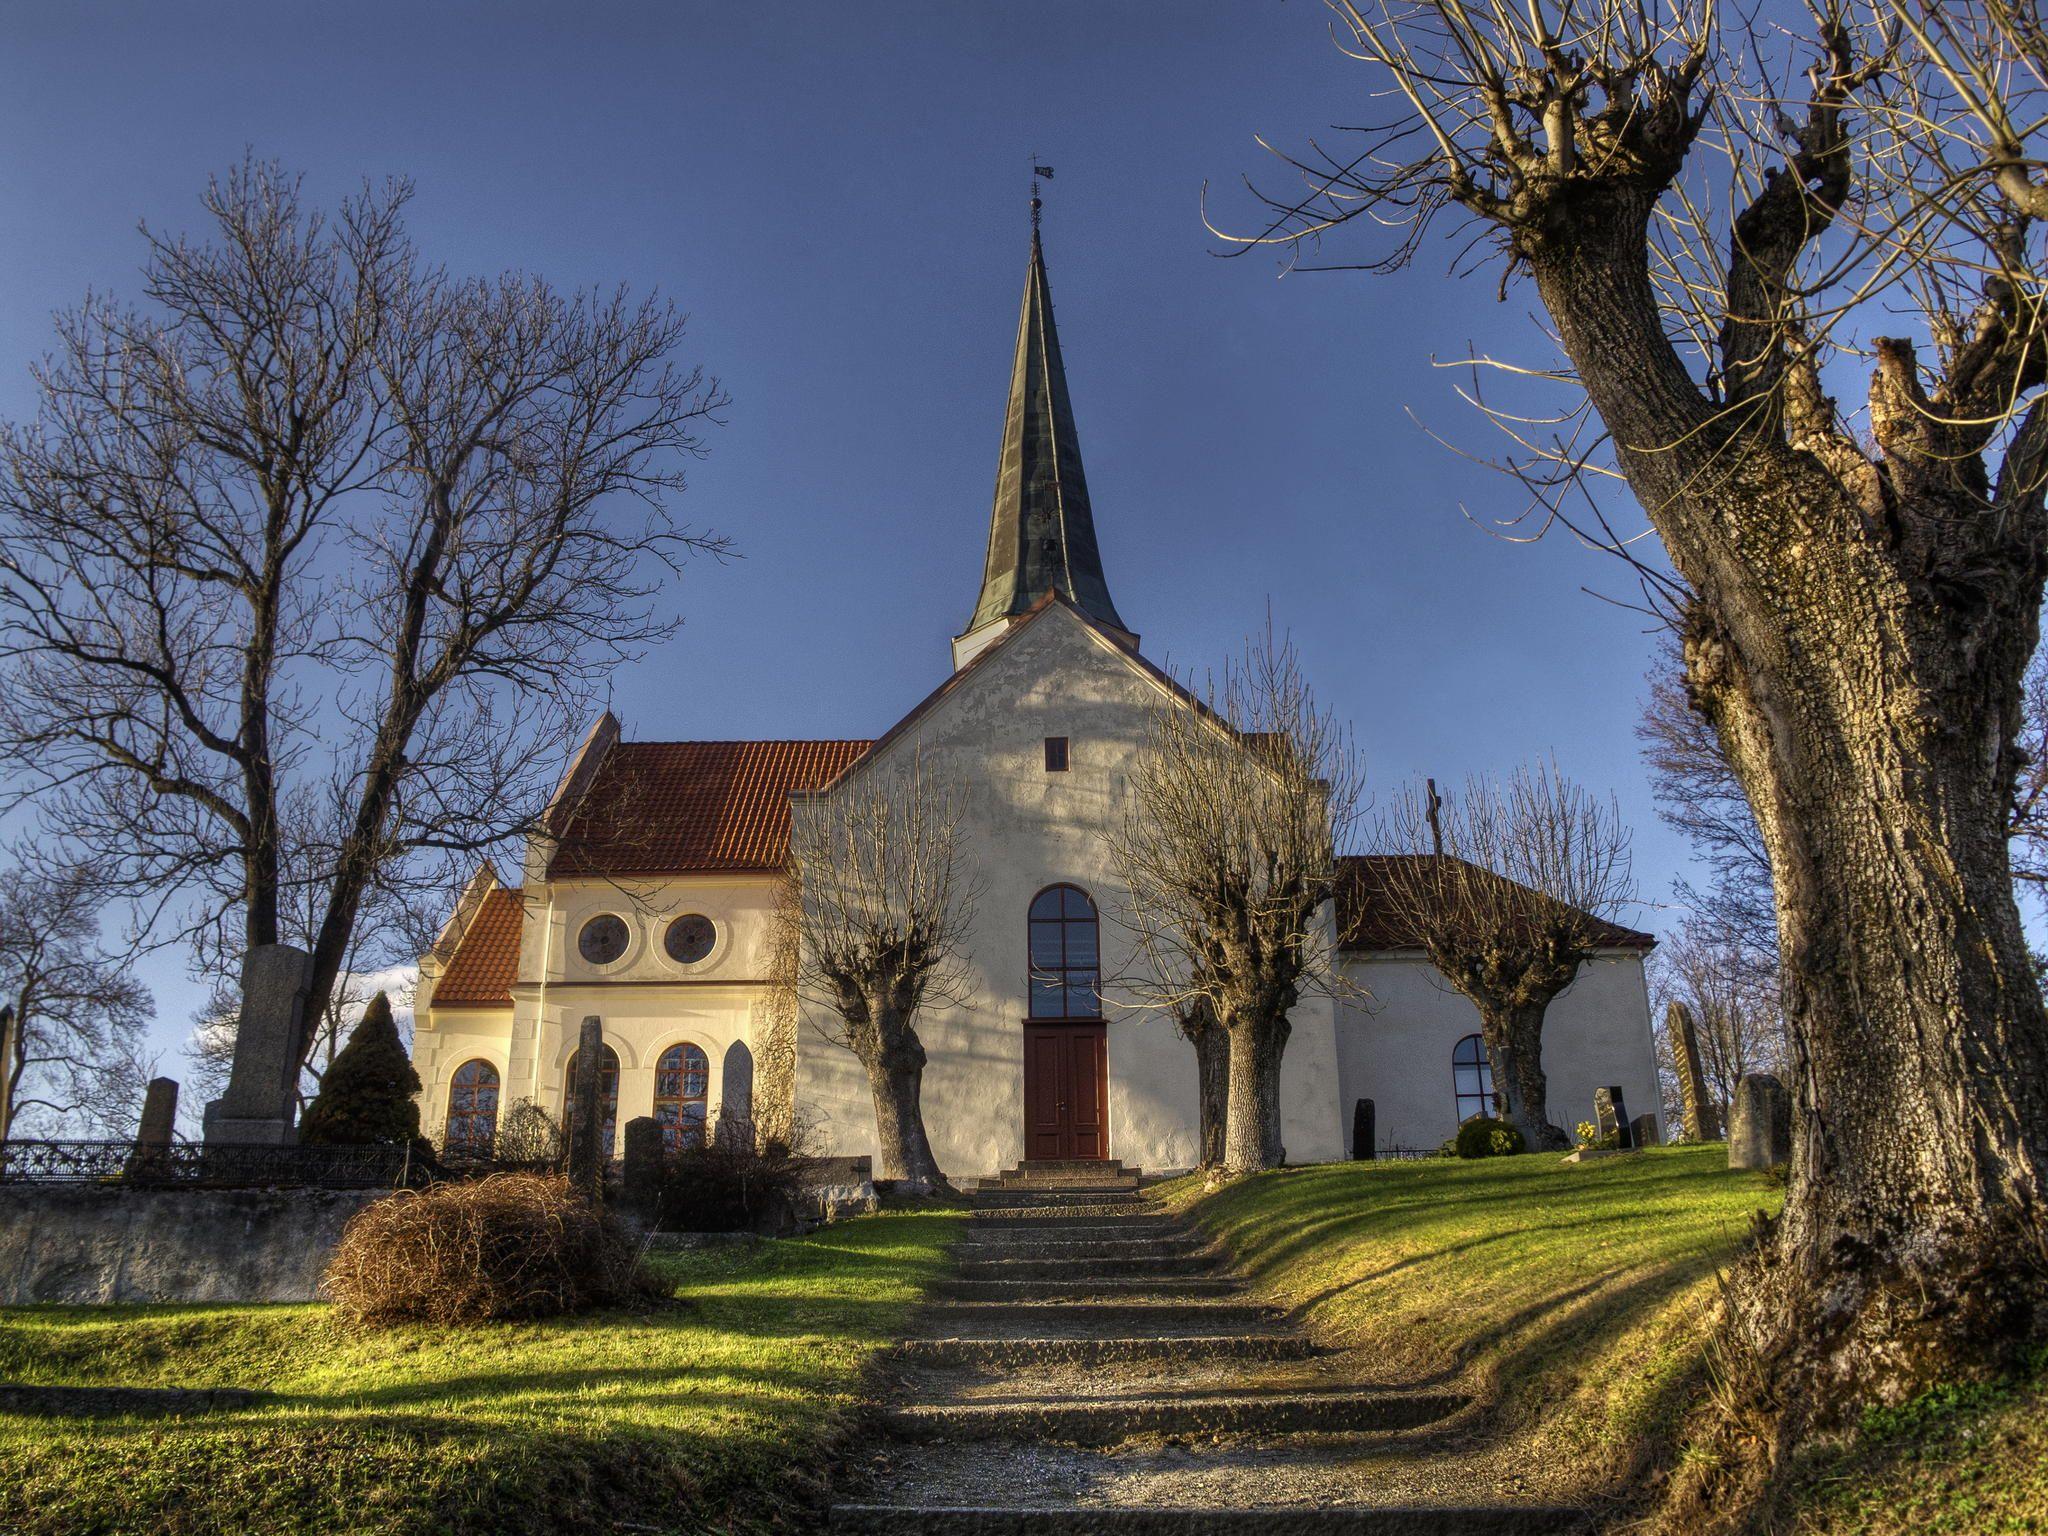 Heggen Church by Johannes Mikkelsen on 500px